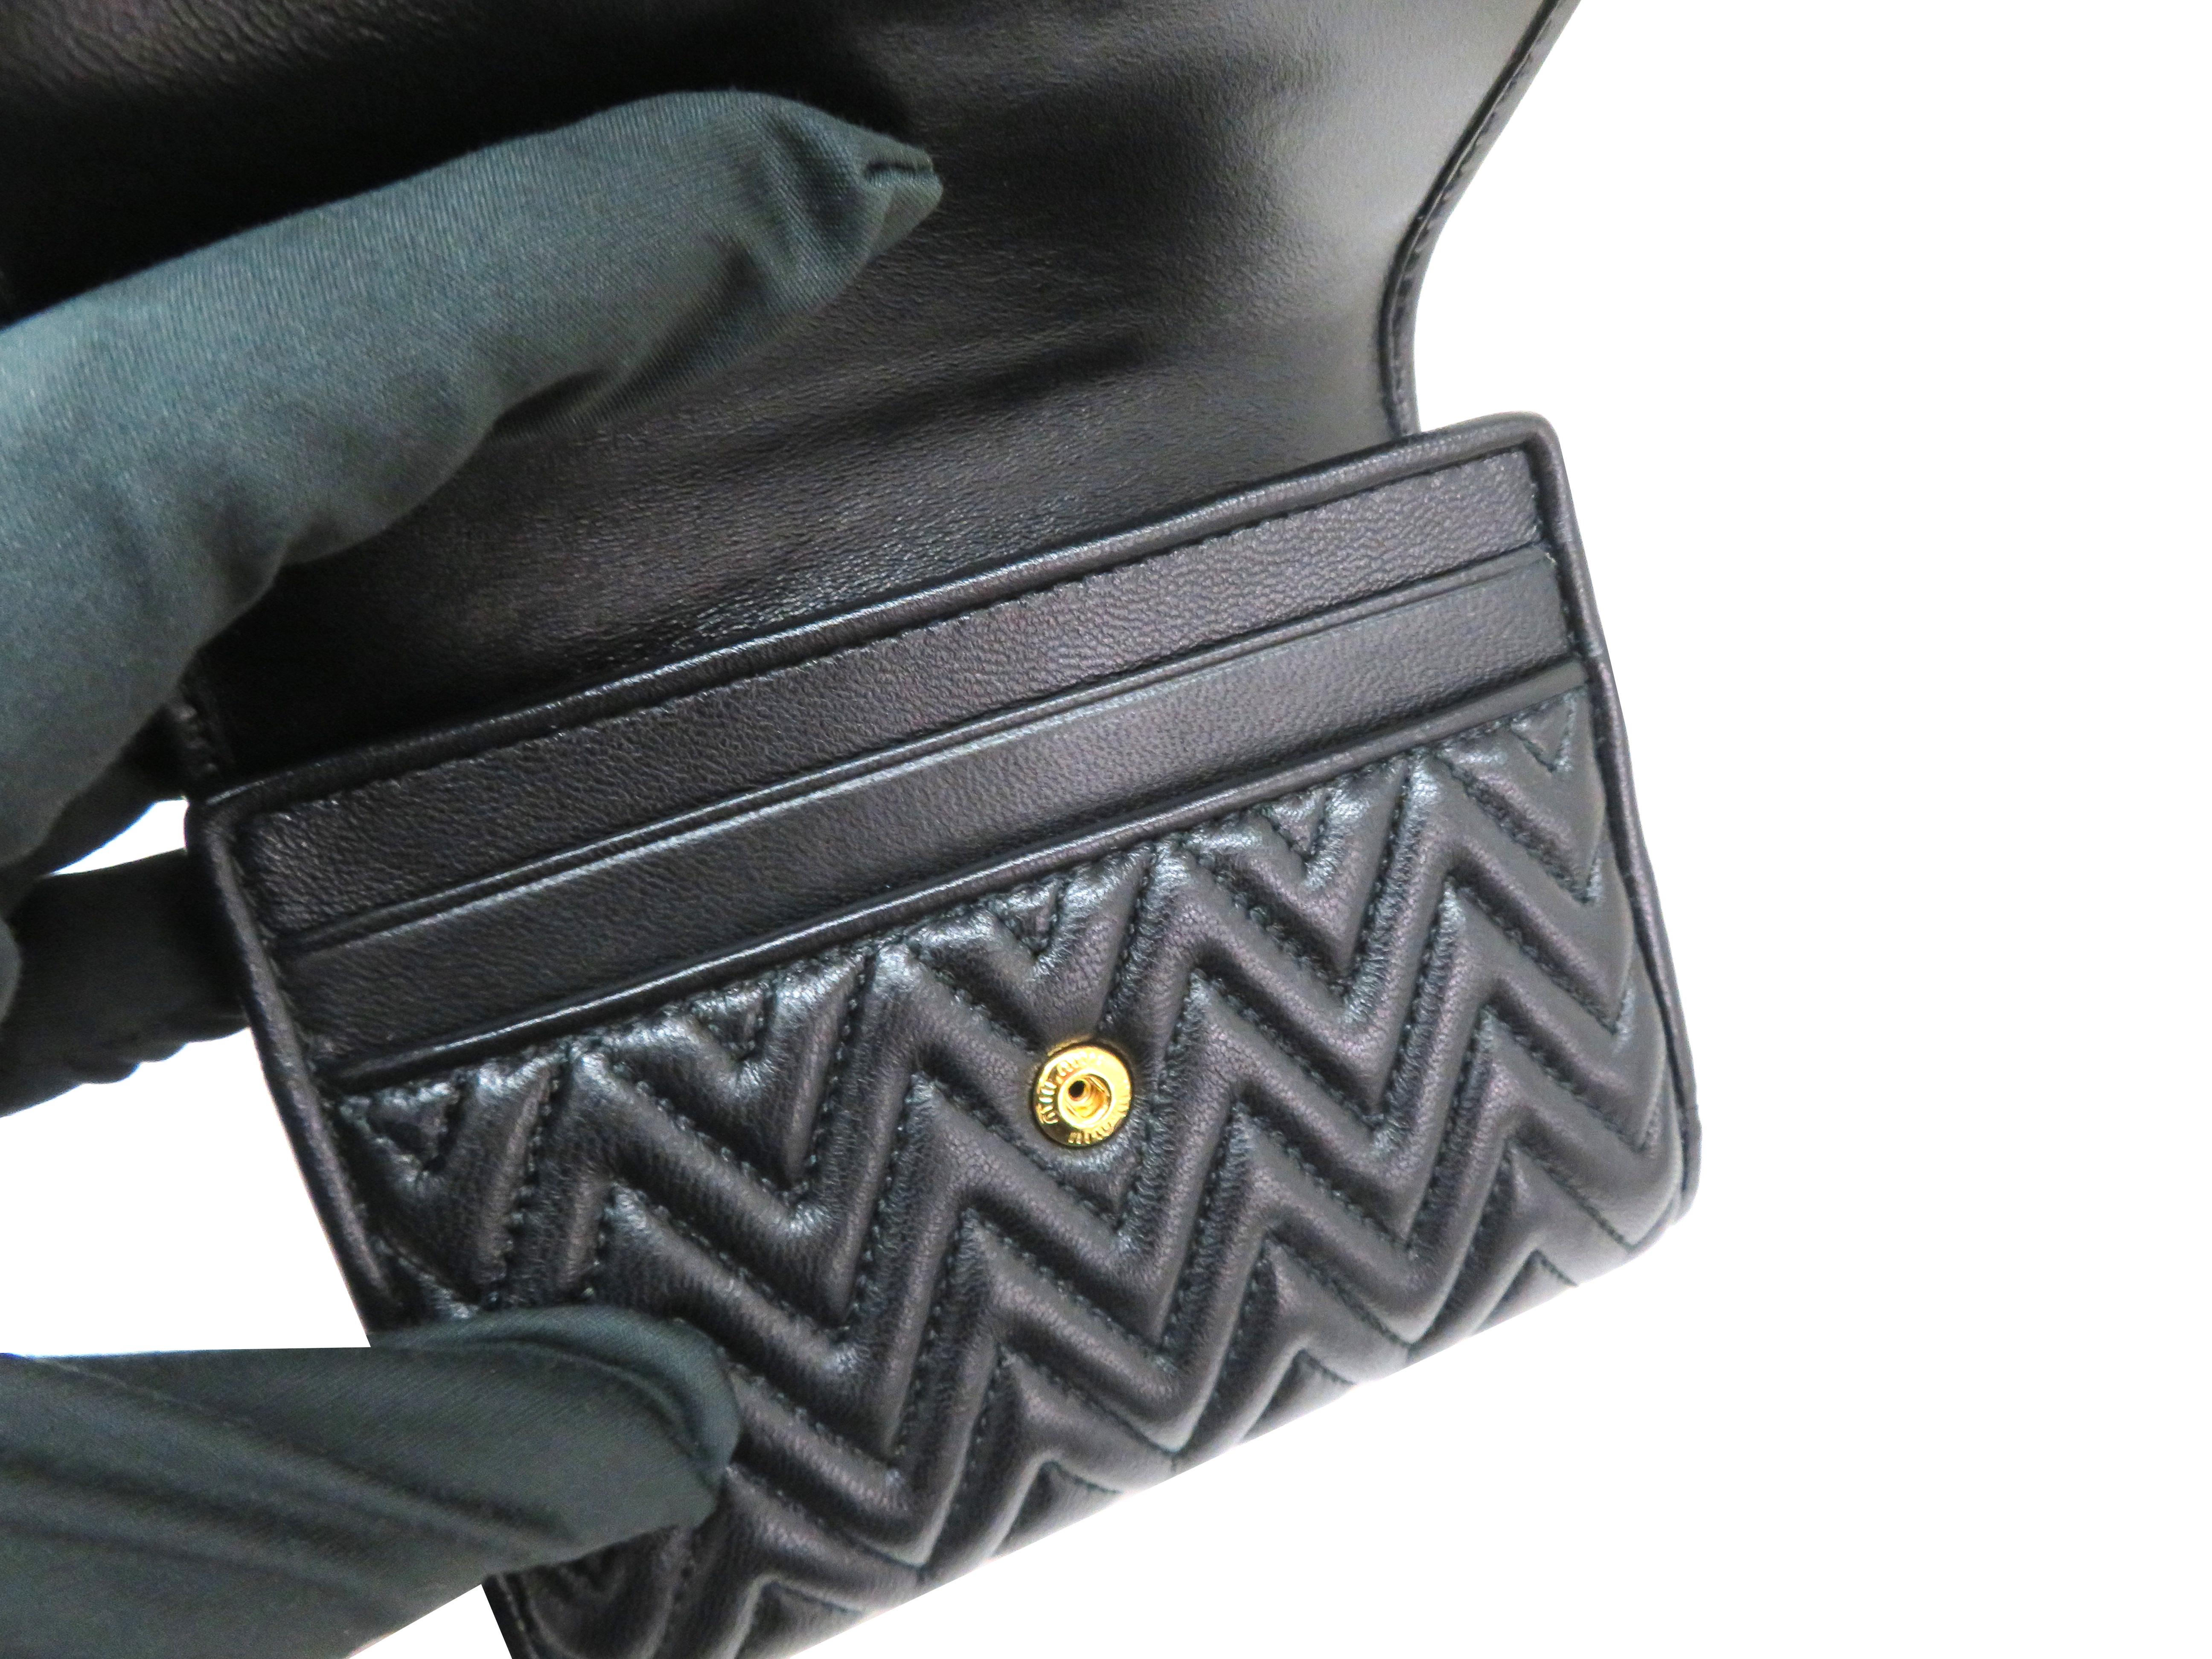 miumiu ミュウミュウ 財布 Wホックコンパクト財布 ブラック ラムスキン 5MH523 【204】 image number 4